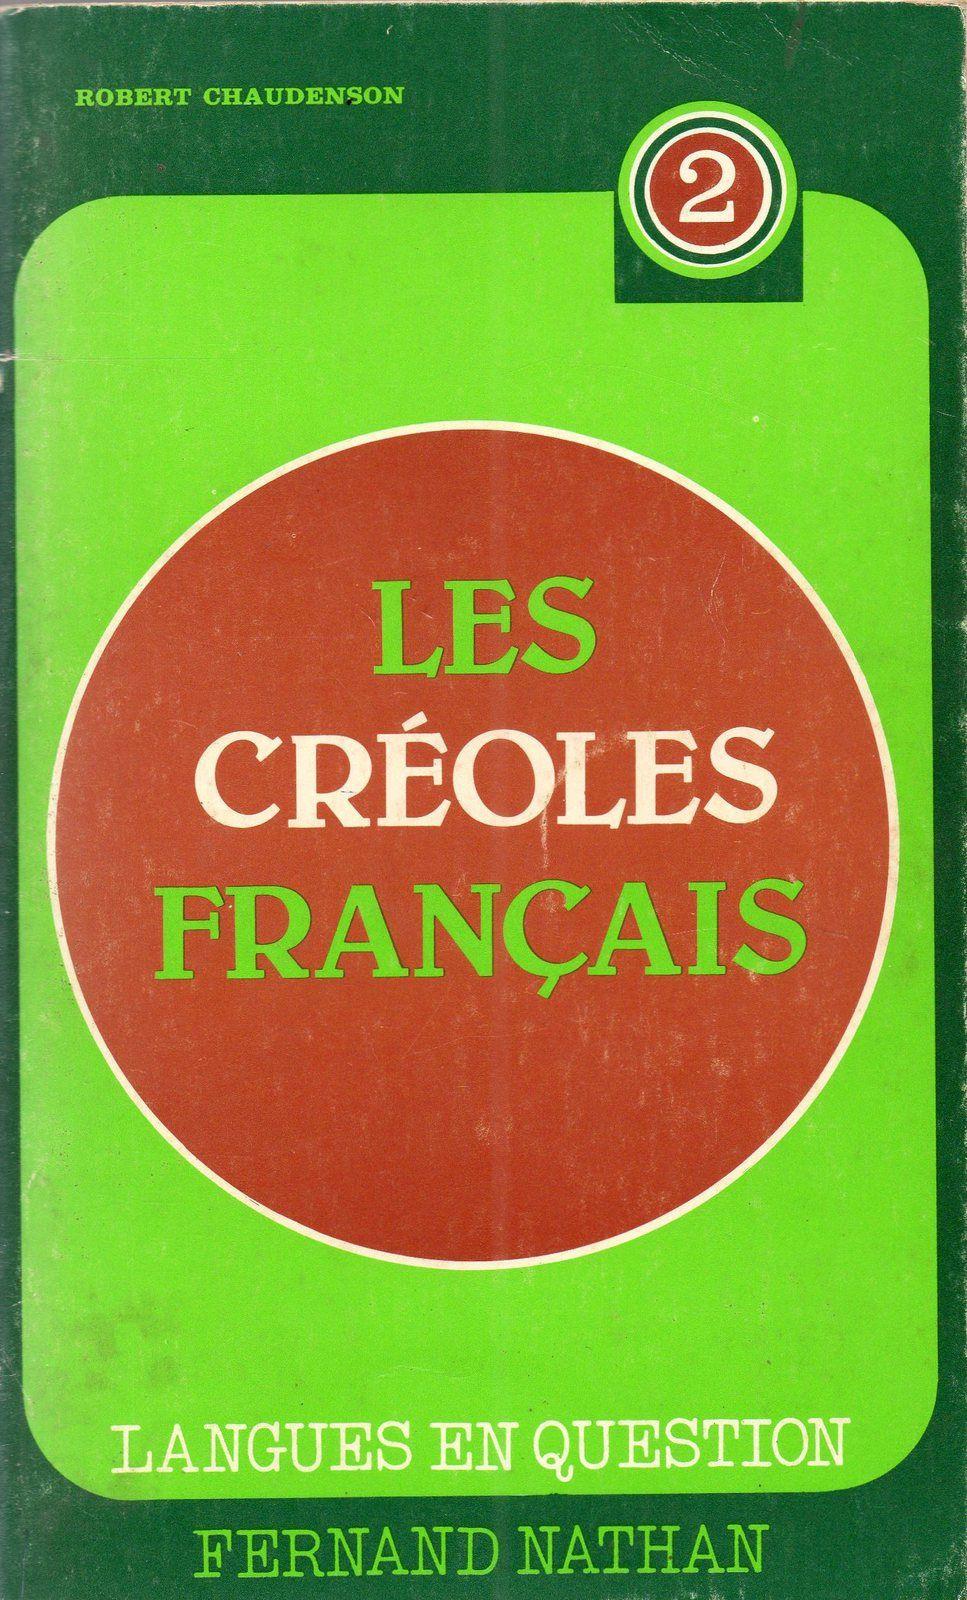 Mois du créole : NOTE SUR L'ORIGINE ET LA GENÈSE DU CRÉOLE, par Raoul-Philippe Danaho.